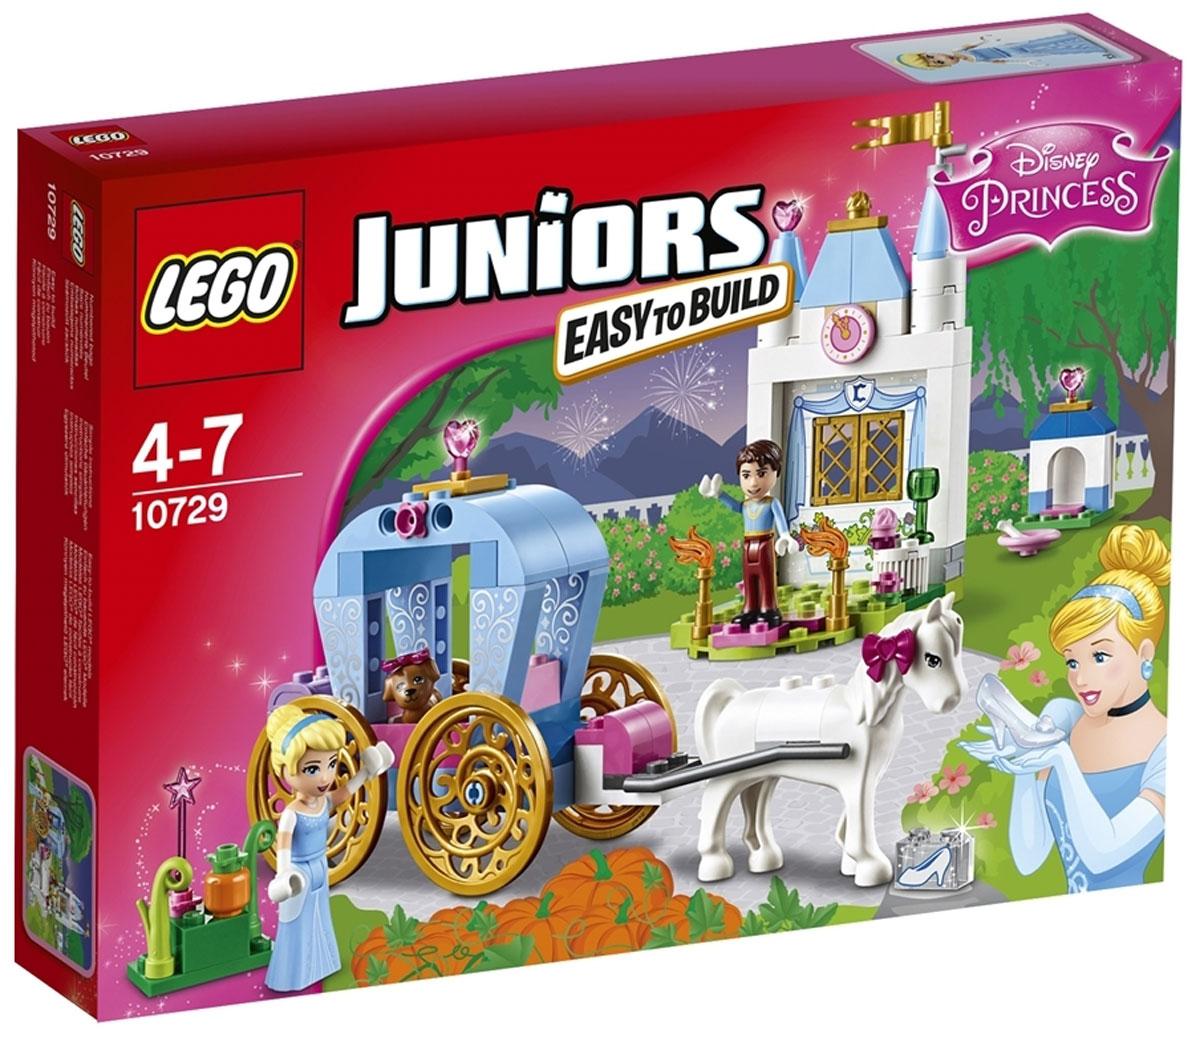 LEGO Juniors Конструктор Карета Золушки 10729 lego juniors конструктор финальная гонка флорида 500 10745